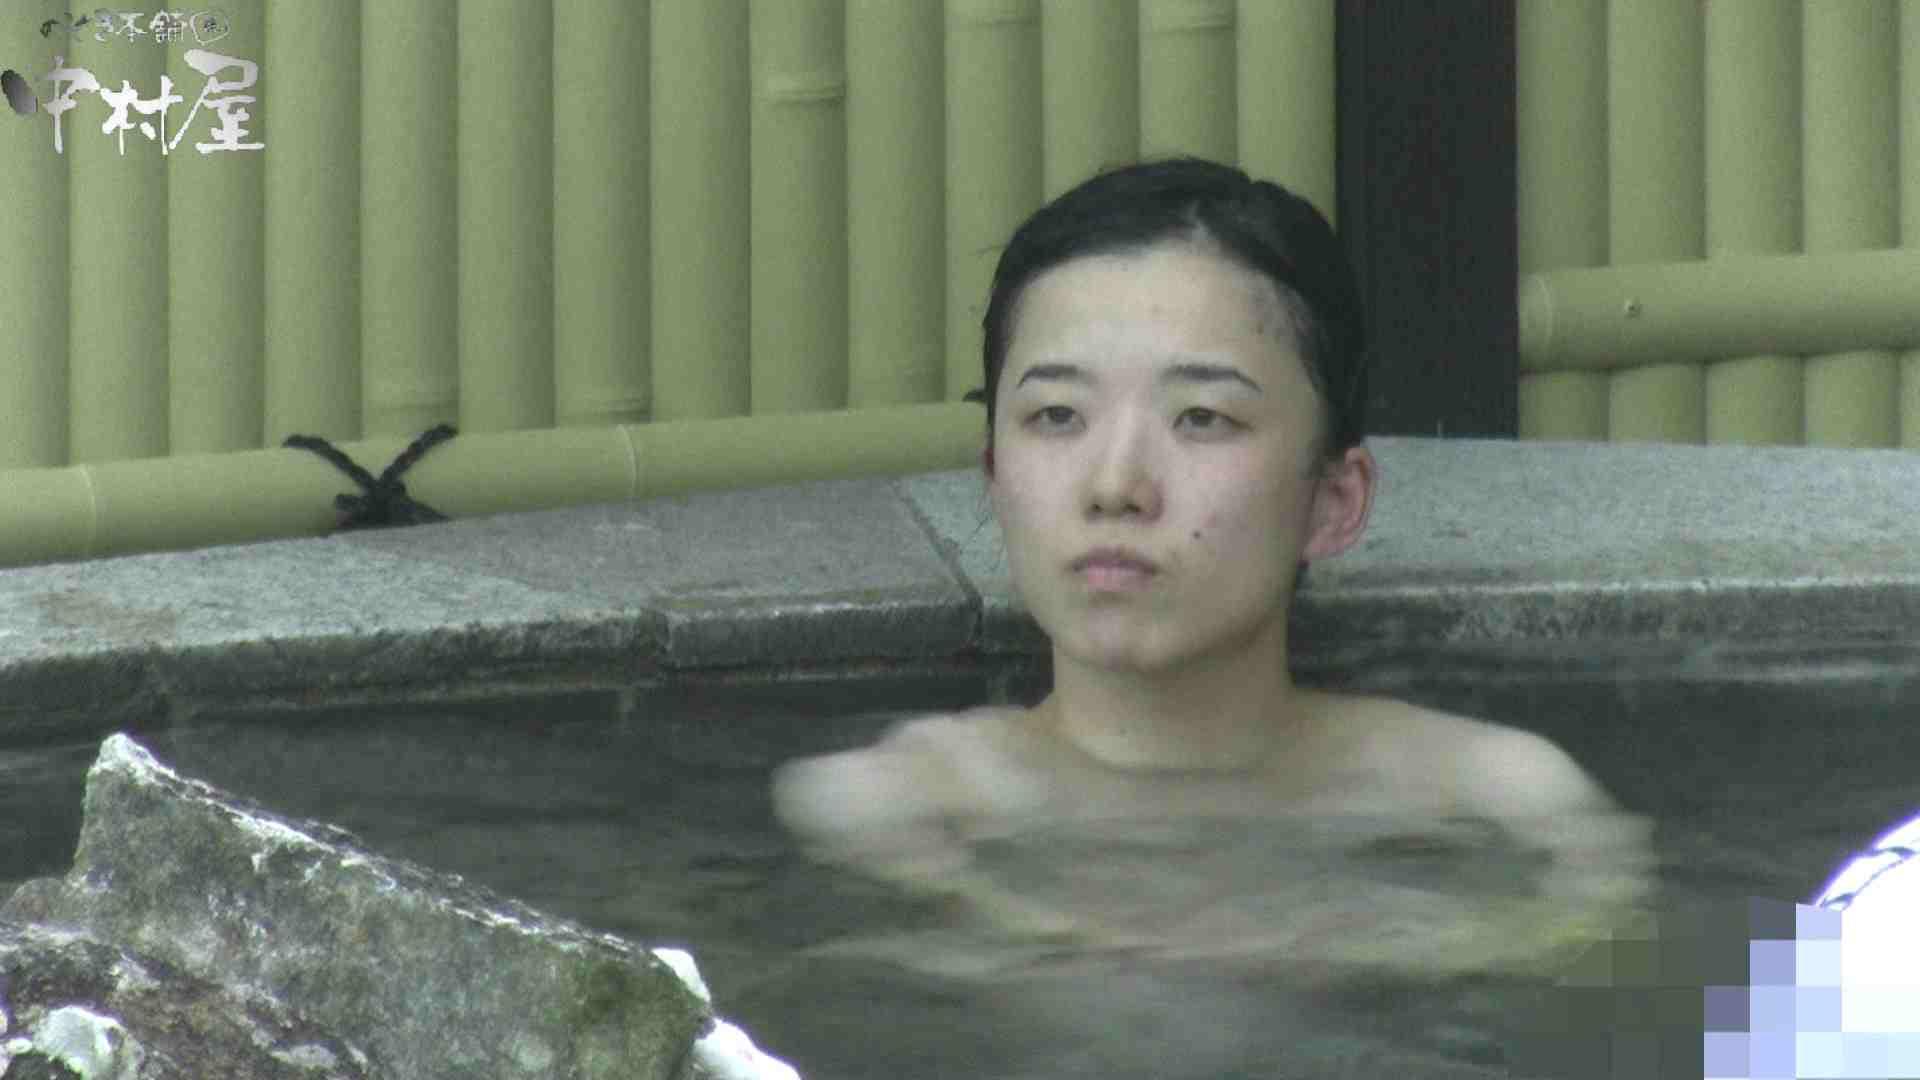 Aquaな露天風呂Vol.908 露天   盗撮  81pic 51